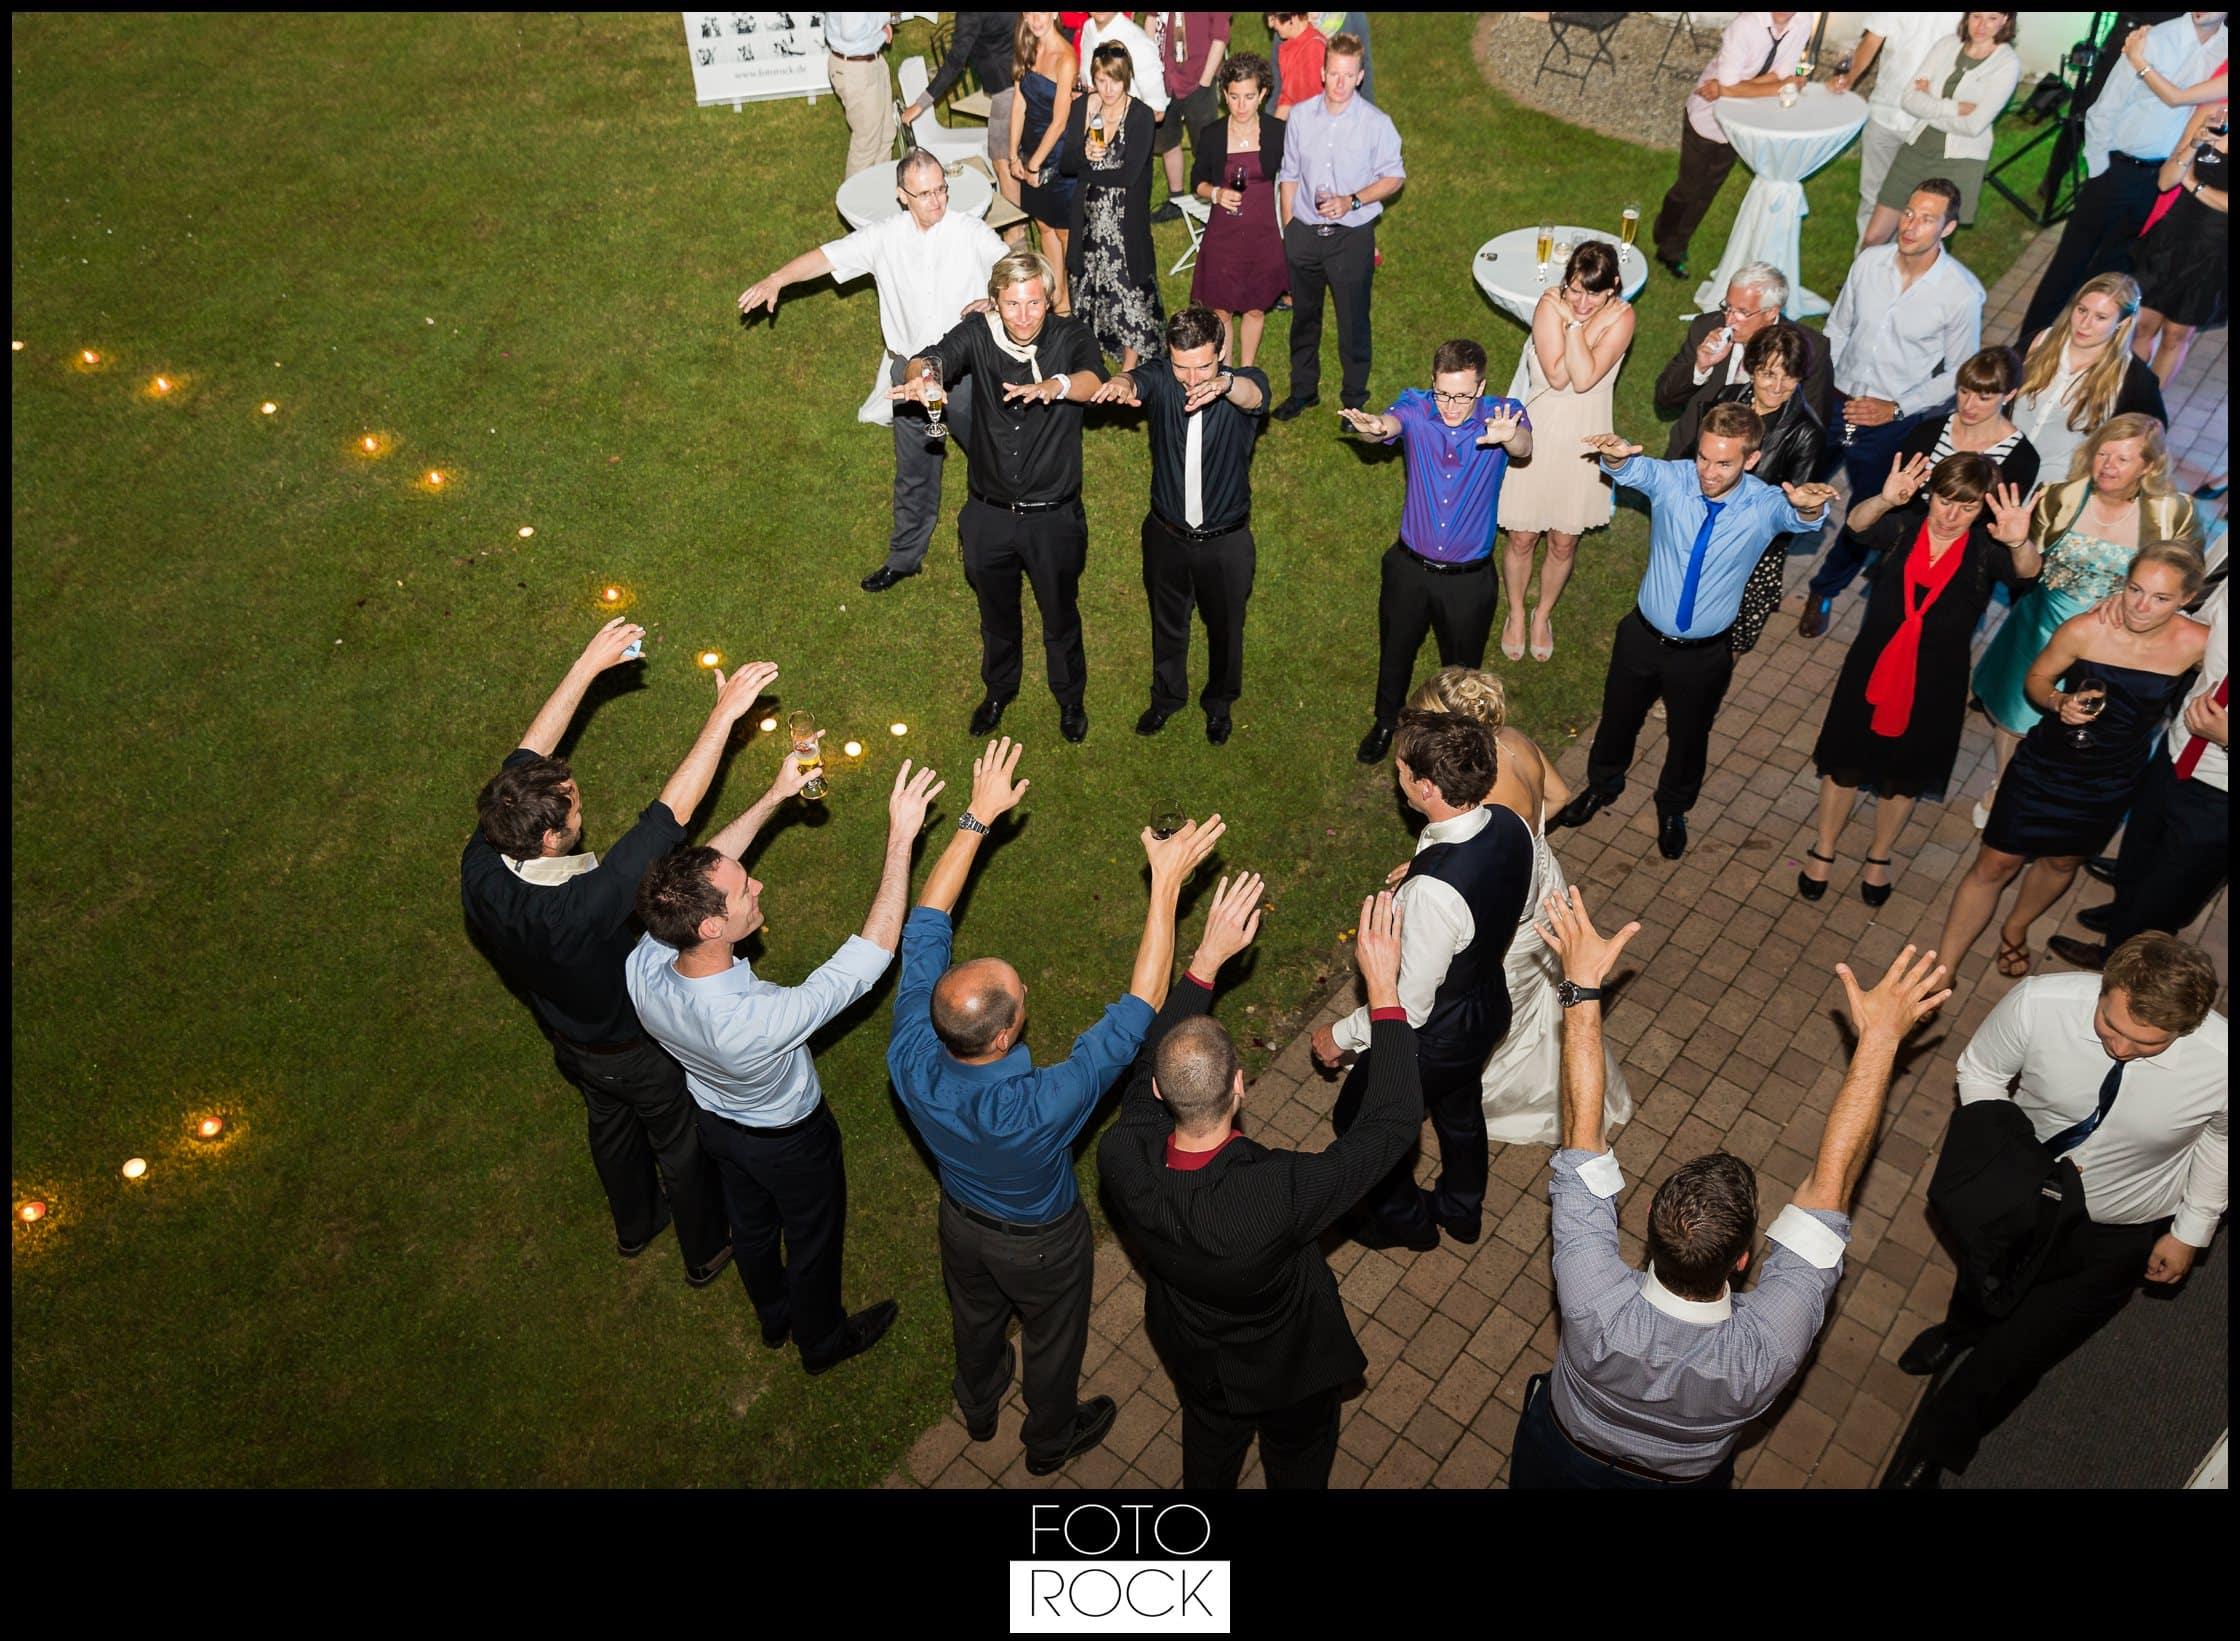 Hochzeit Lilienhof Ihringen Brautpaar Abend Kerzen Gäste